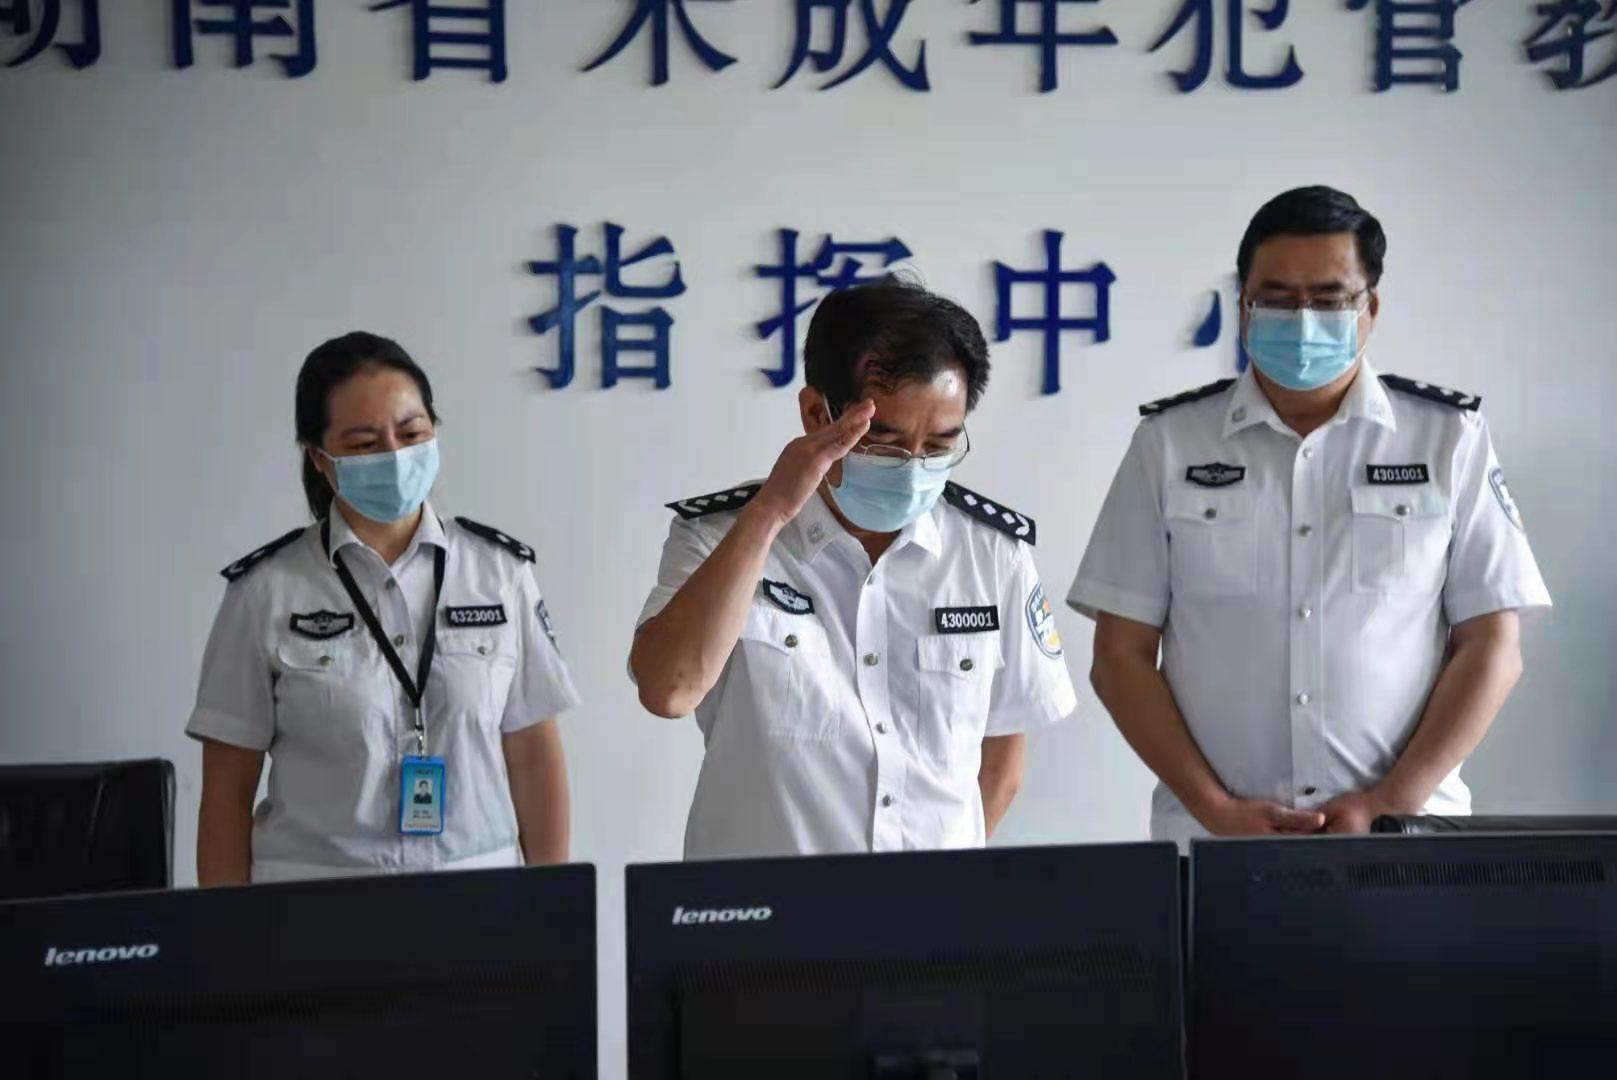 范运田一行赴湖南省未成年犯管教所 督导疫情防控工作